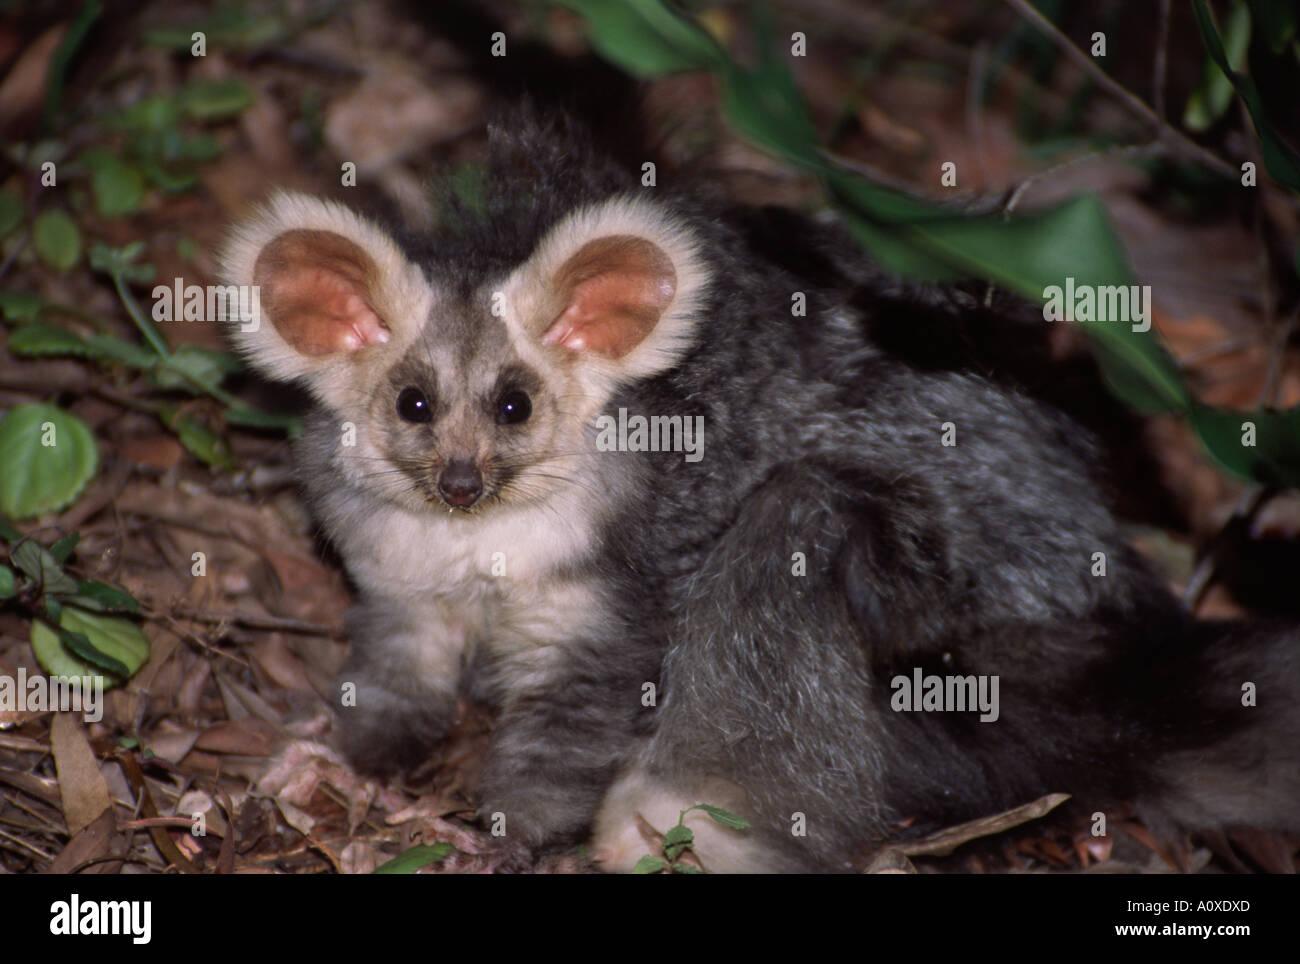 La maggior aliante che abita le foreste dell'Australia orientale è un raramente fotografato animale notturno - nel selvaggio Immagini Stock